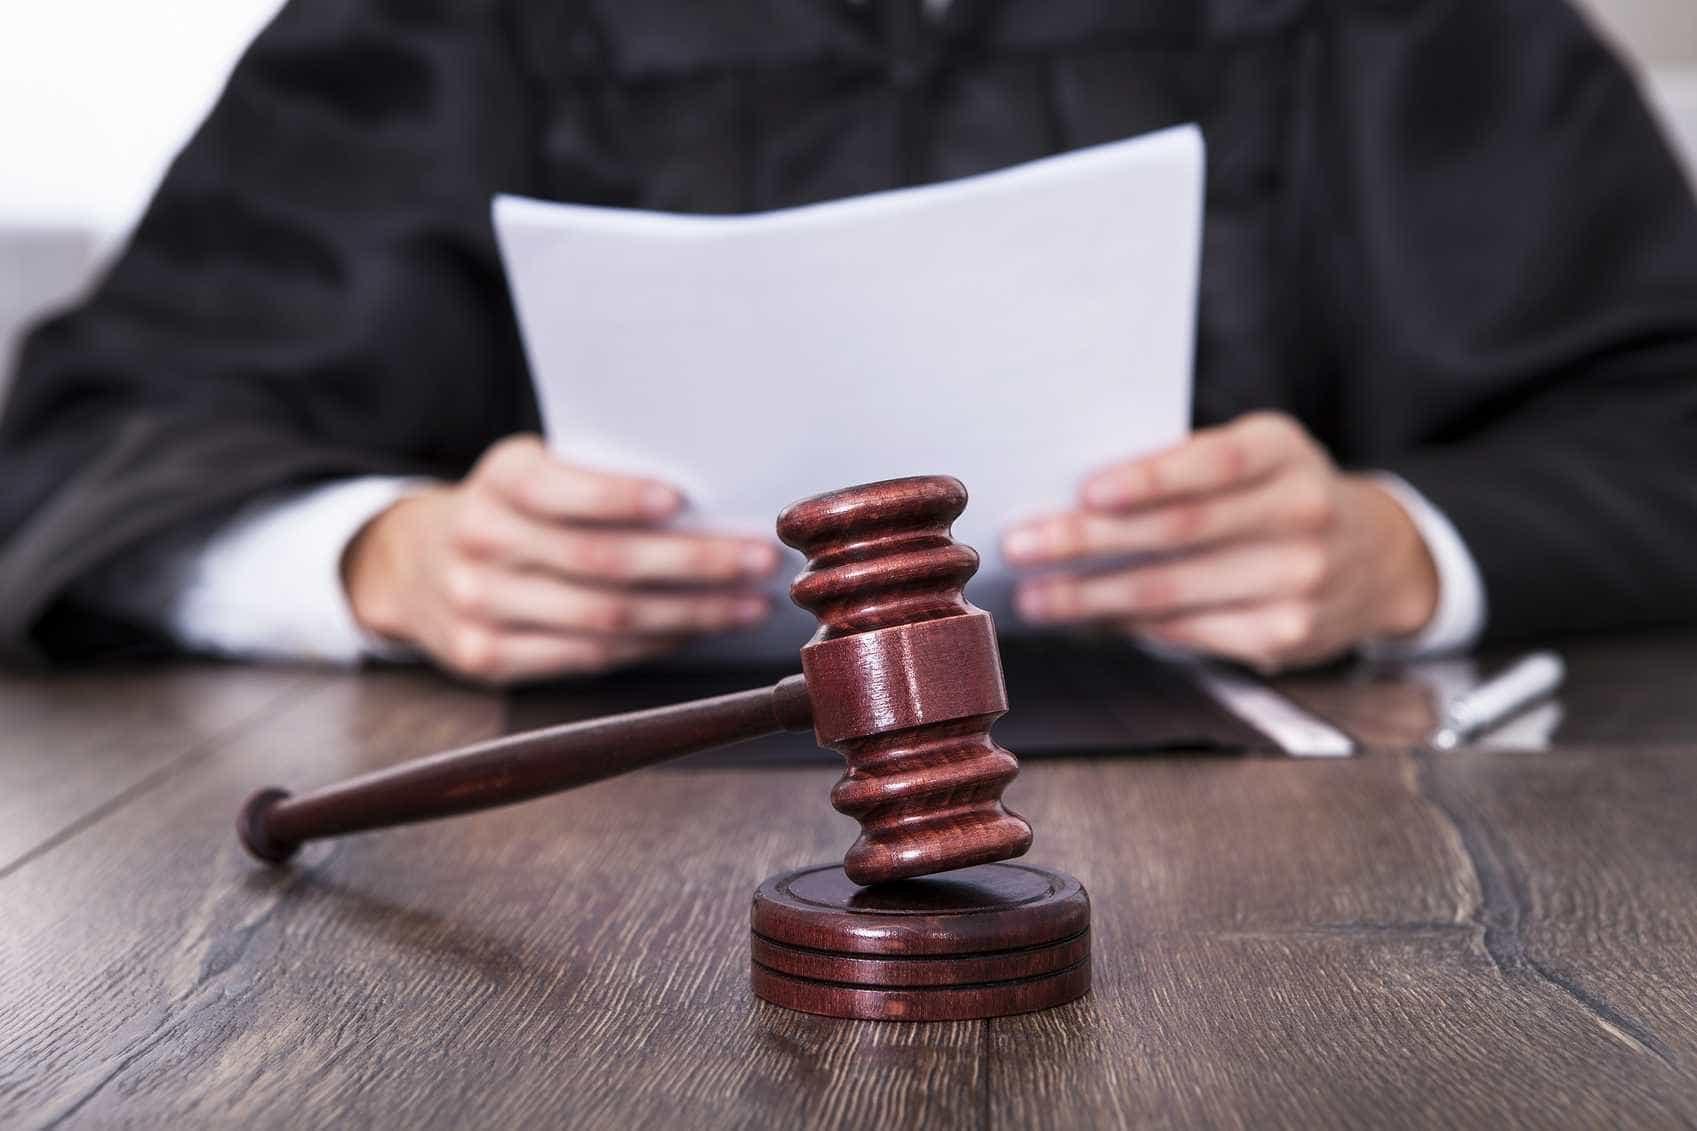 Relação anula sentença que absolve homem de violência doméstica